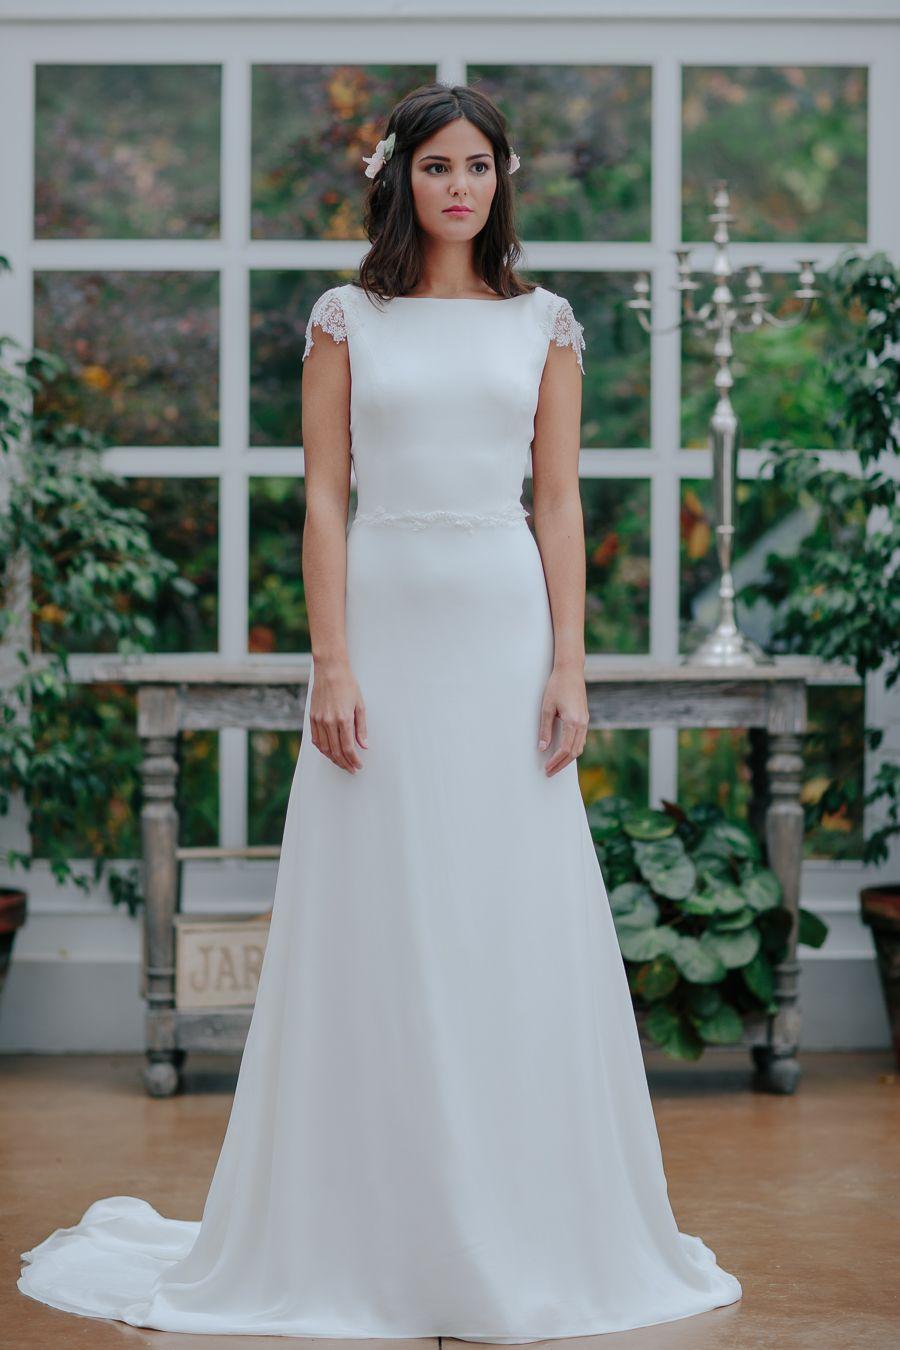 Rubianes Foto 1 3 | estilos de BODA | Pinterest | Vestidos de novia ...